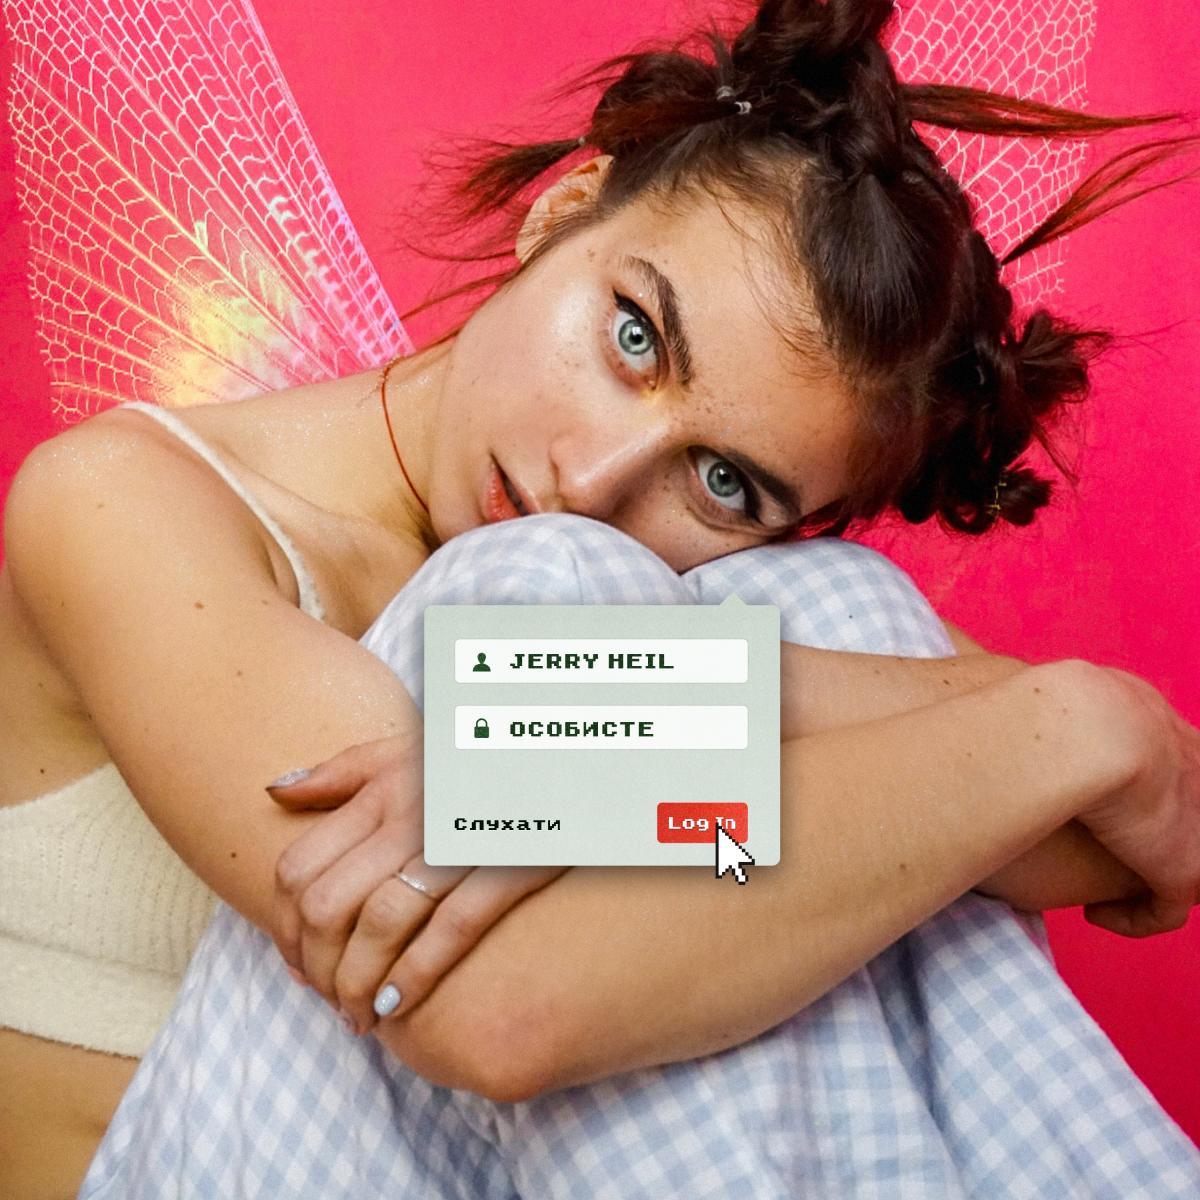 Яна отходит от формулы «comedy pop» и экспериментирует с интимной лирикой / фото пресс-служба